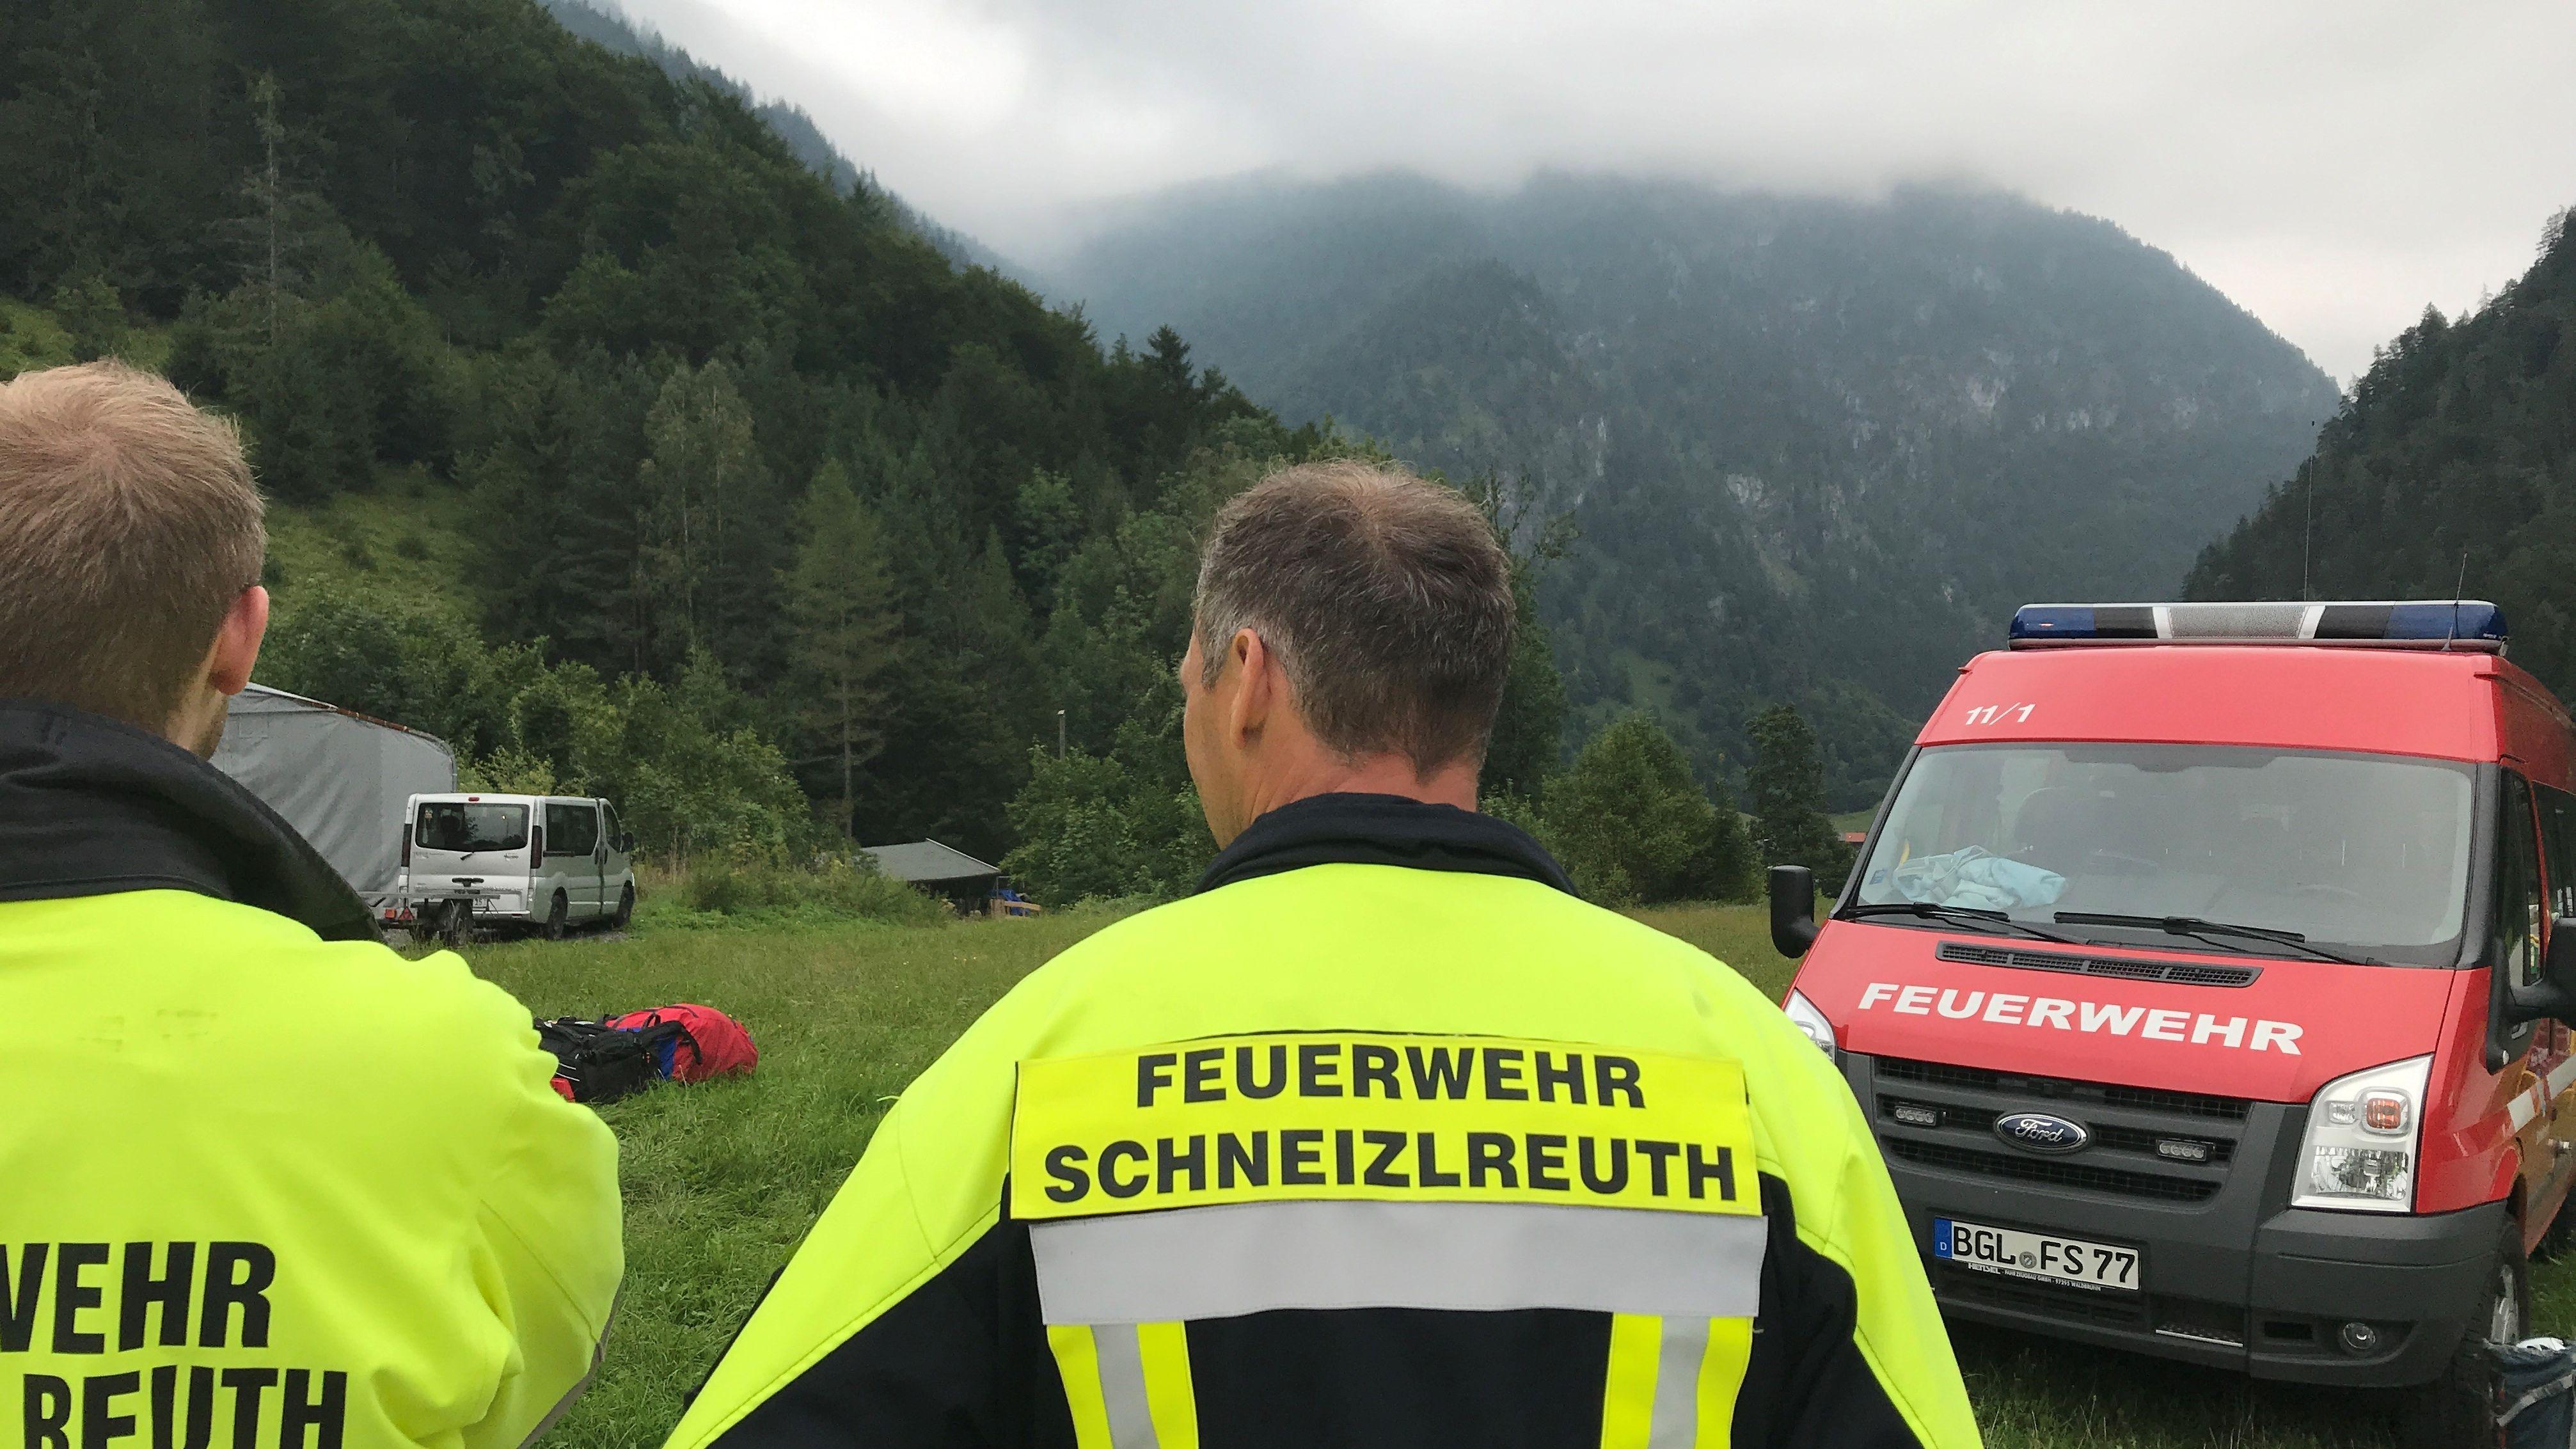 Einsatzkräfte der Feuerwher Schneizlreuth im vermuteten Absturzgebiet am Bogenhorn